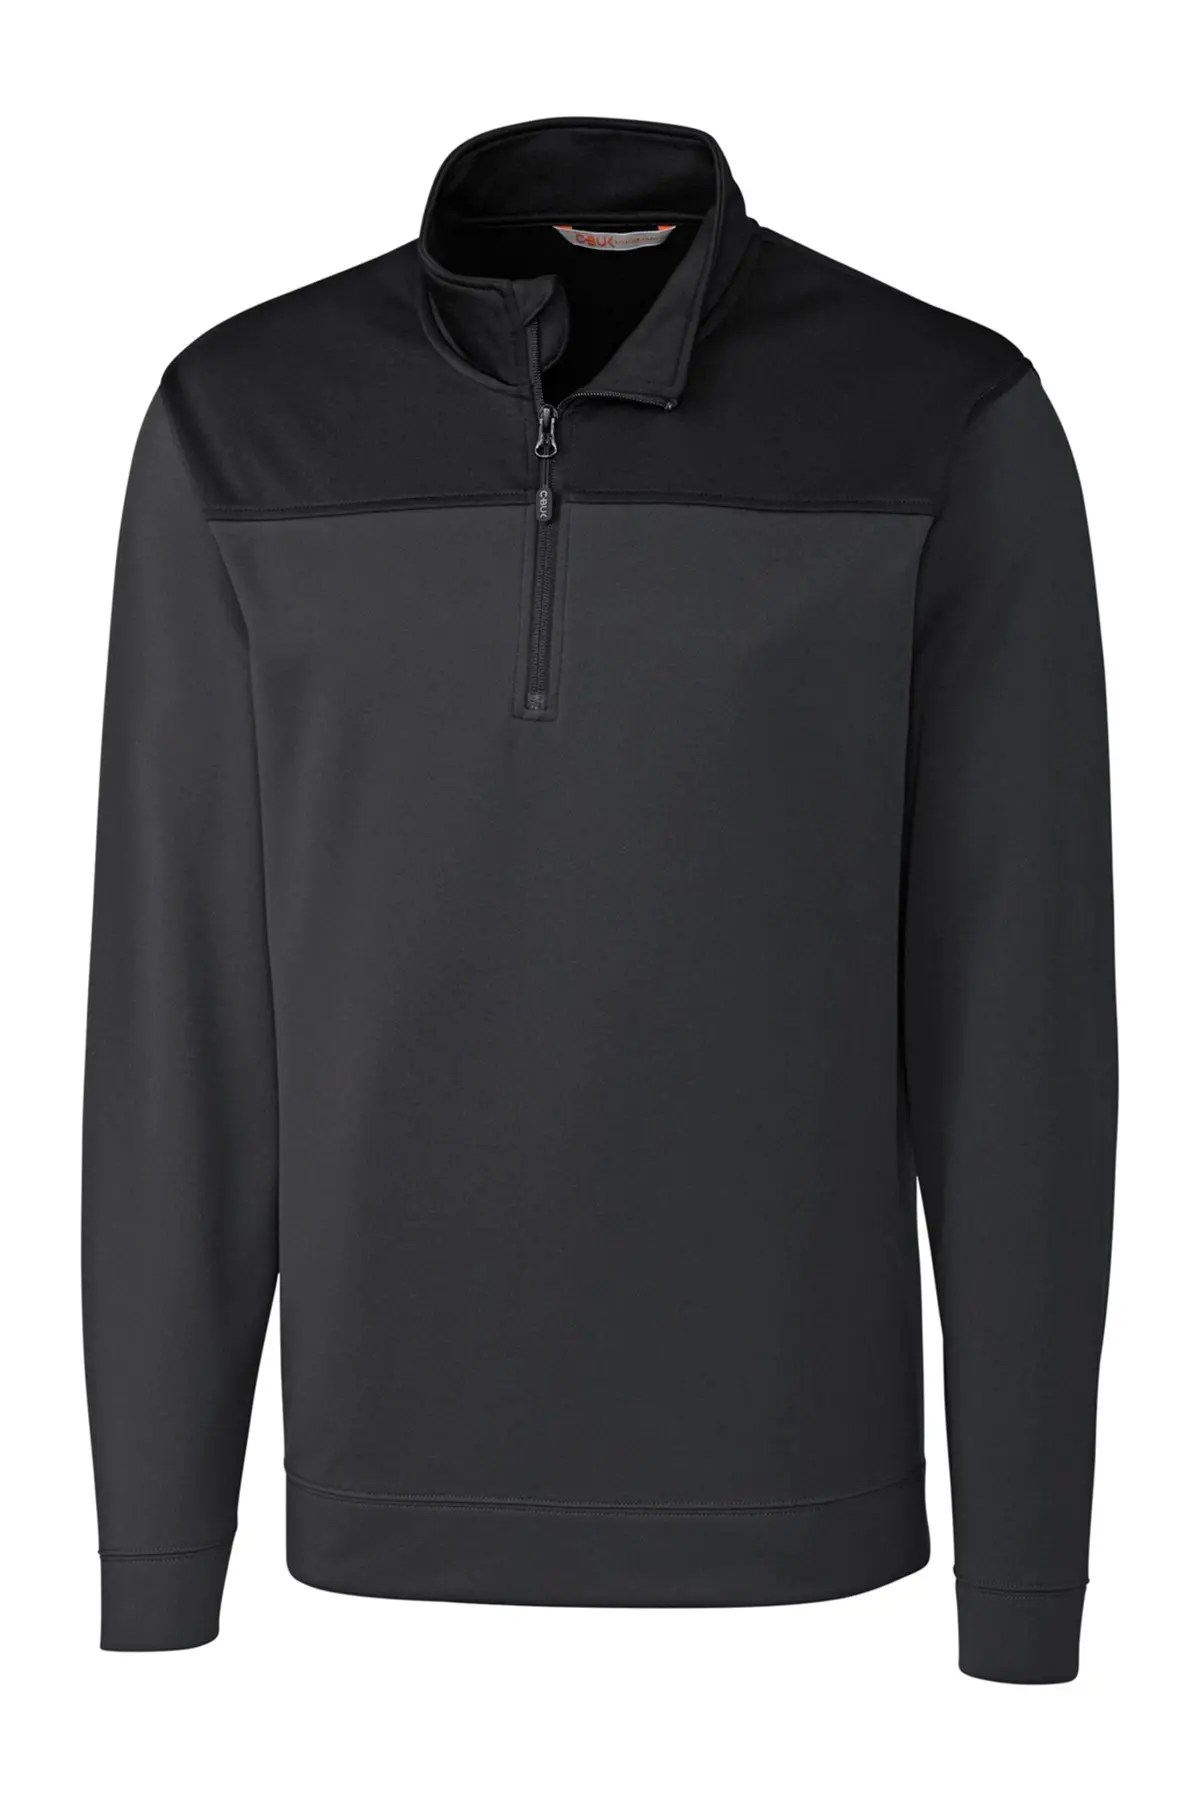 men s zip up sweaters sweatshirts